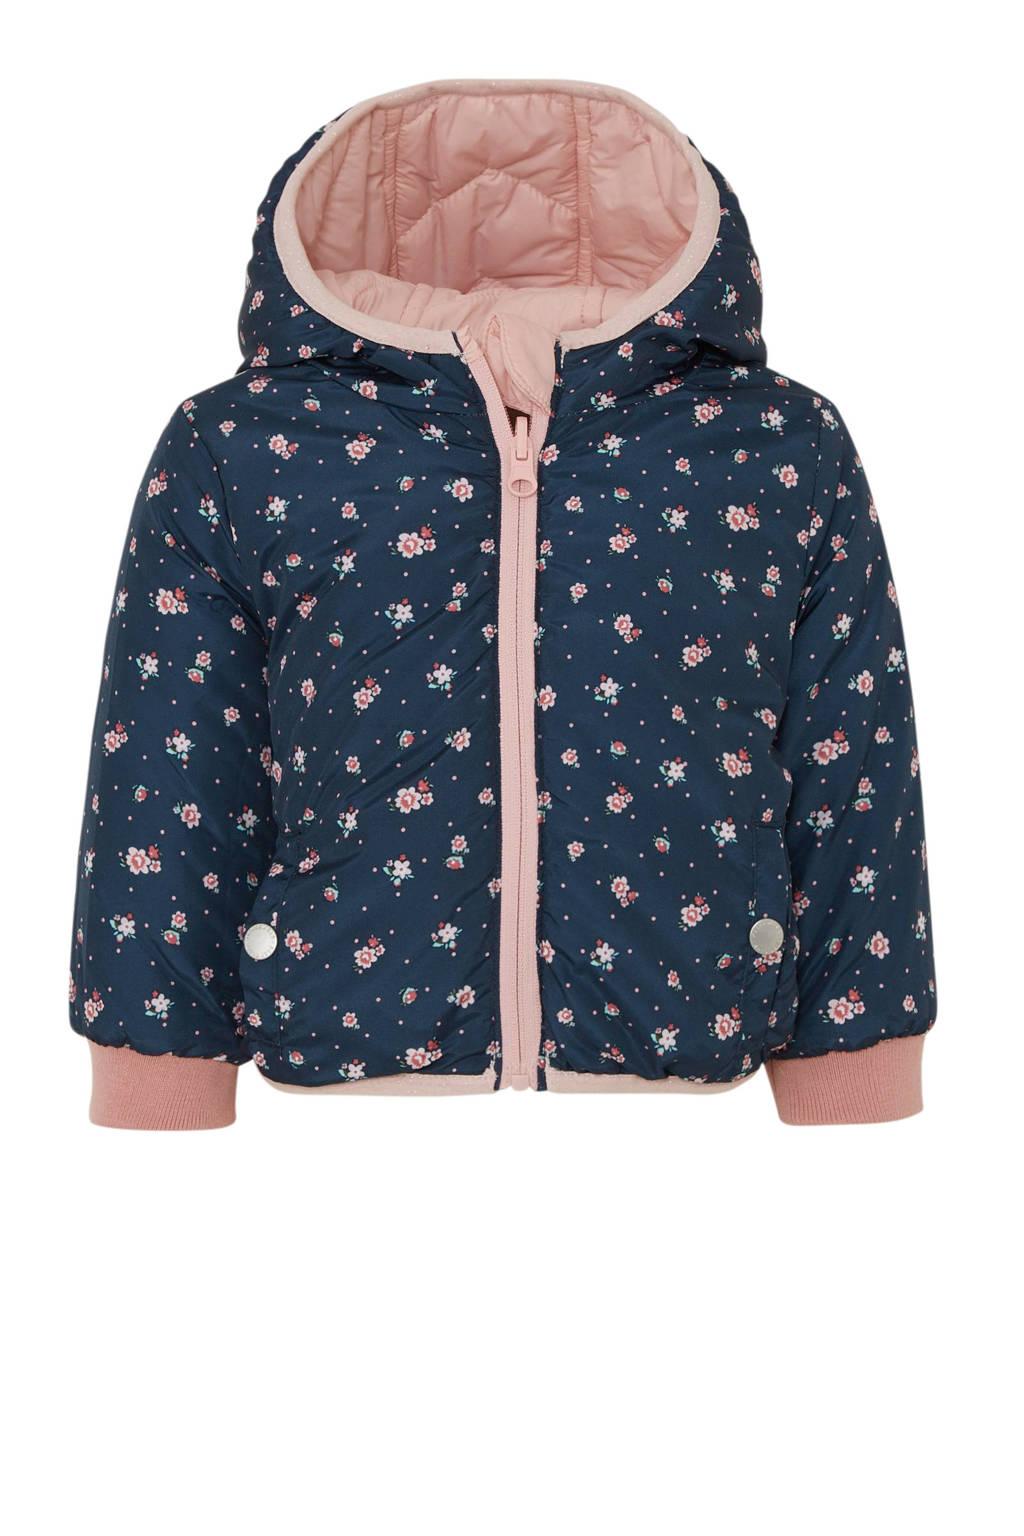 C&A Baby Club baby gebloemde omkeerbare winterjas donkerblauw/lichtroze, Donkerblauw/lichtroze